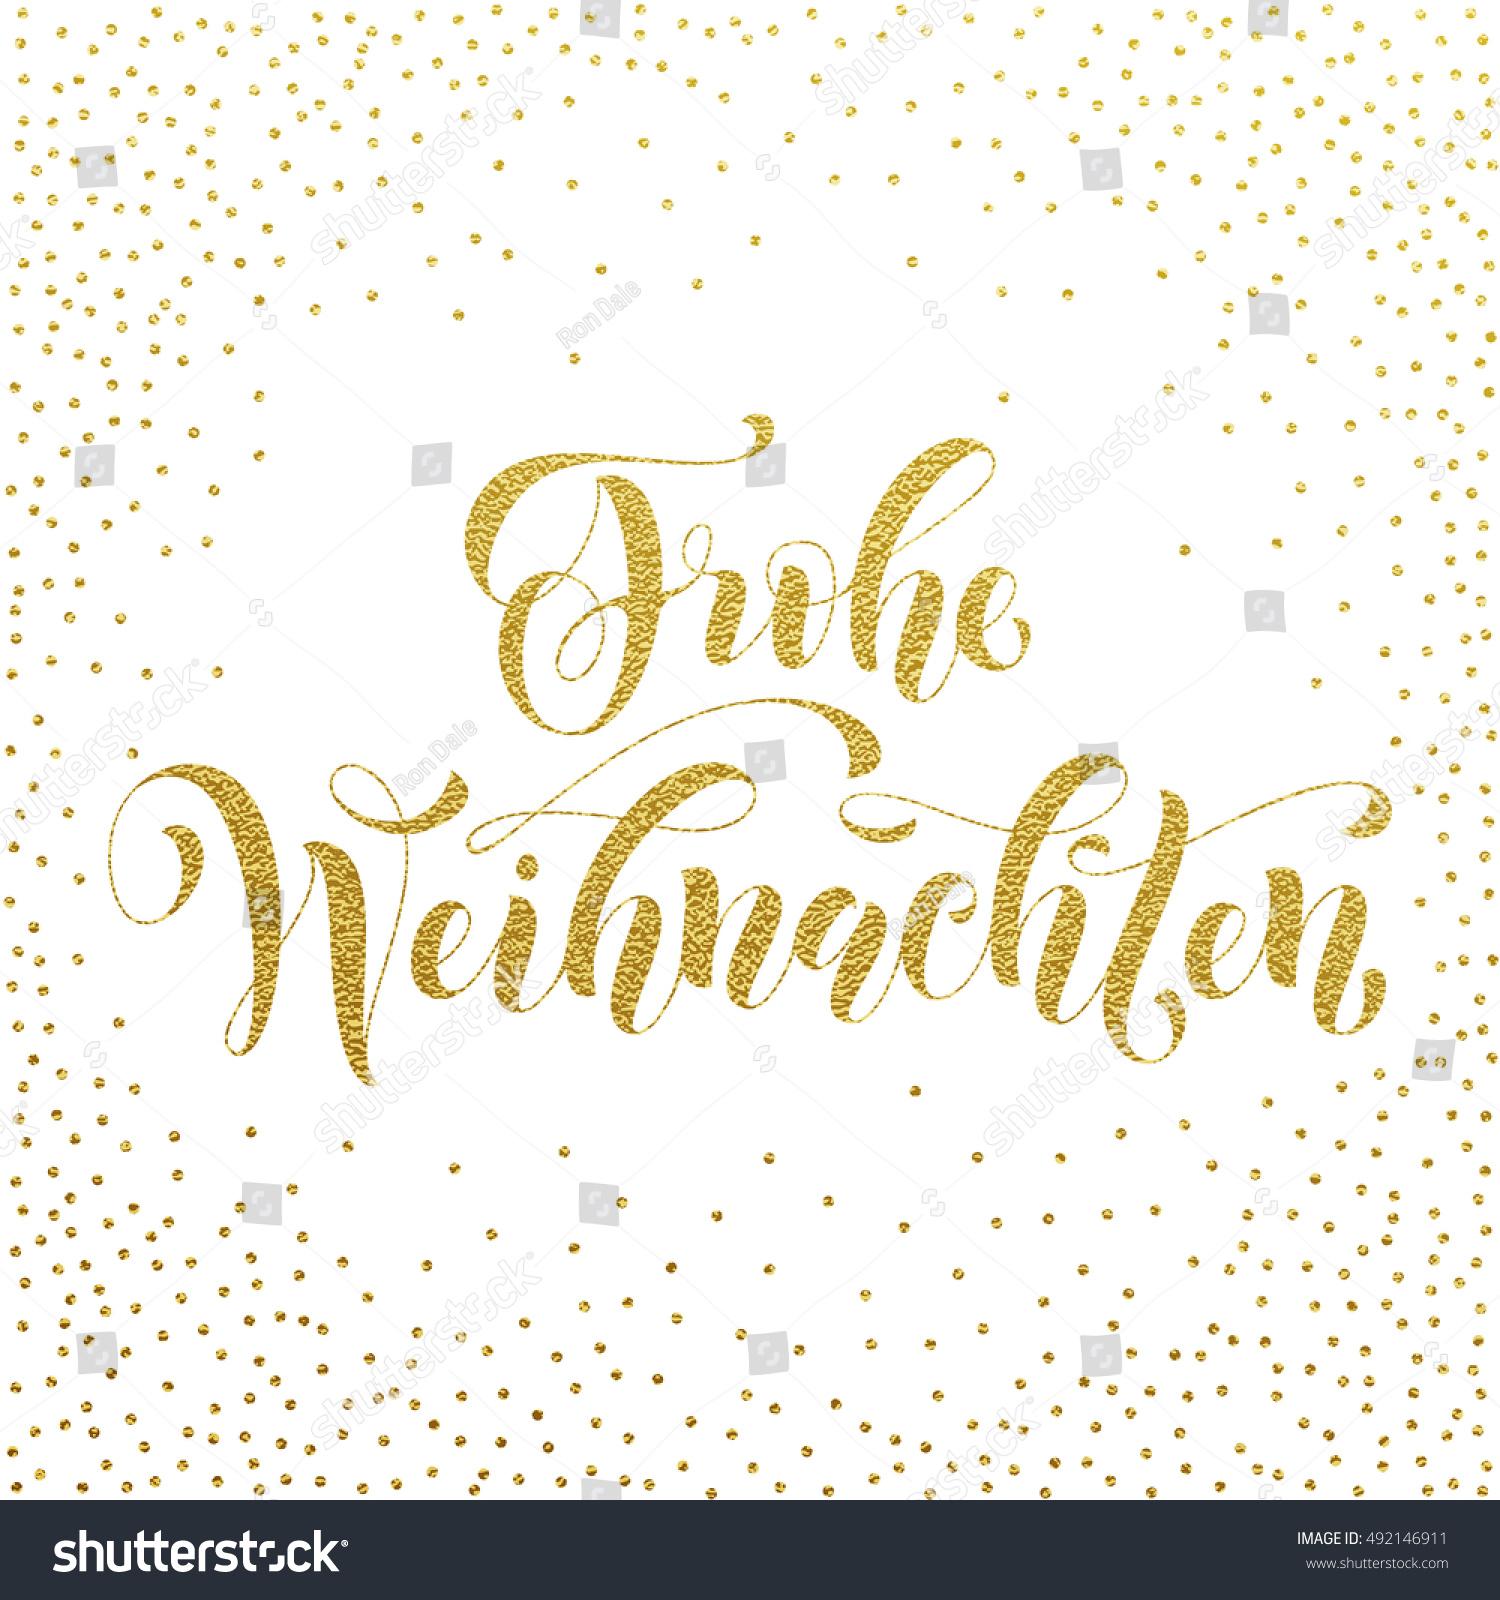 Frohe Weihnachten Glitzer.Frohe Weihnachten Gold Glitter Modern Lettering Stock Vector